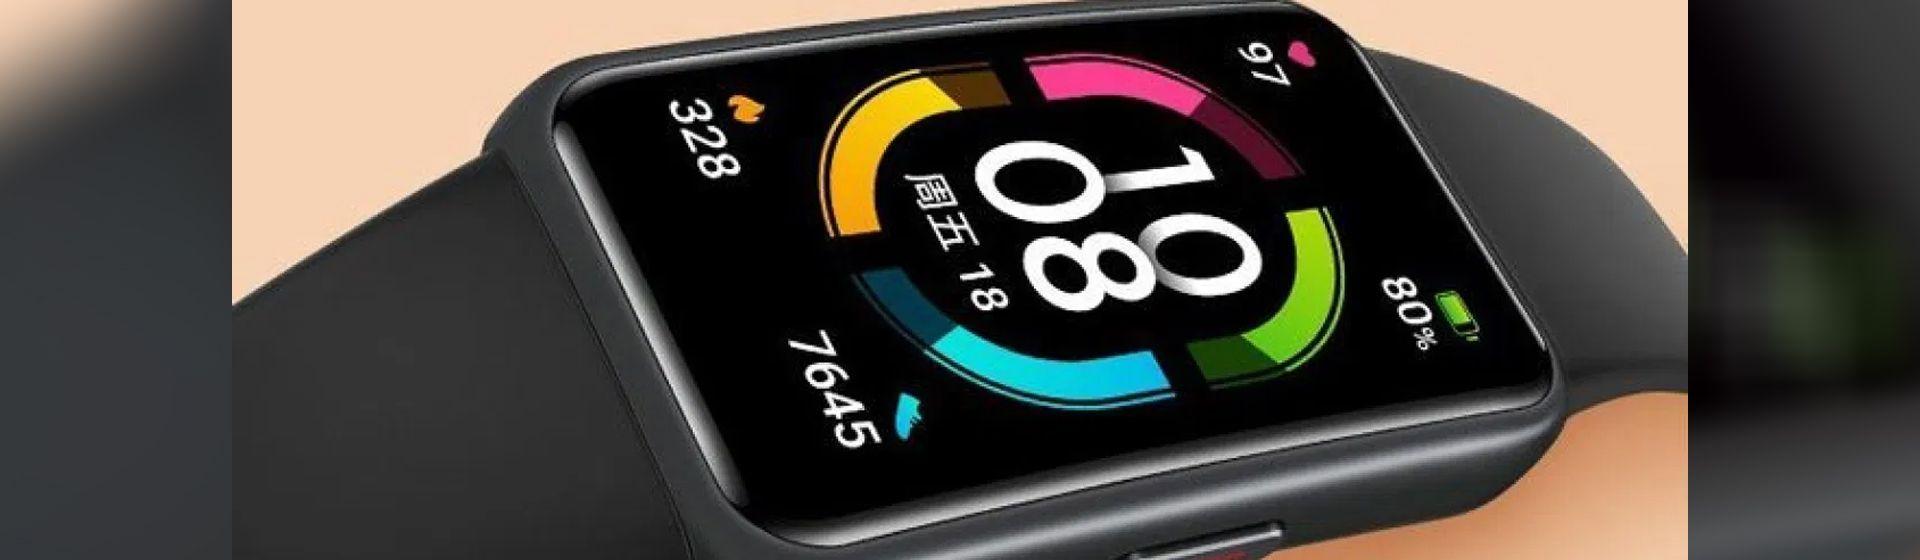 Honor Band 6 é lançada com tela maior; veja suas características e preços